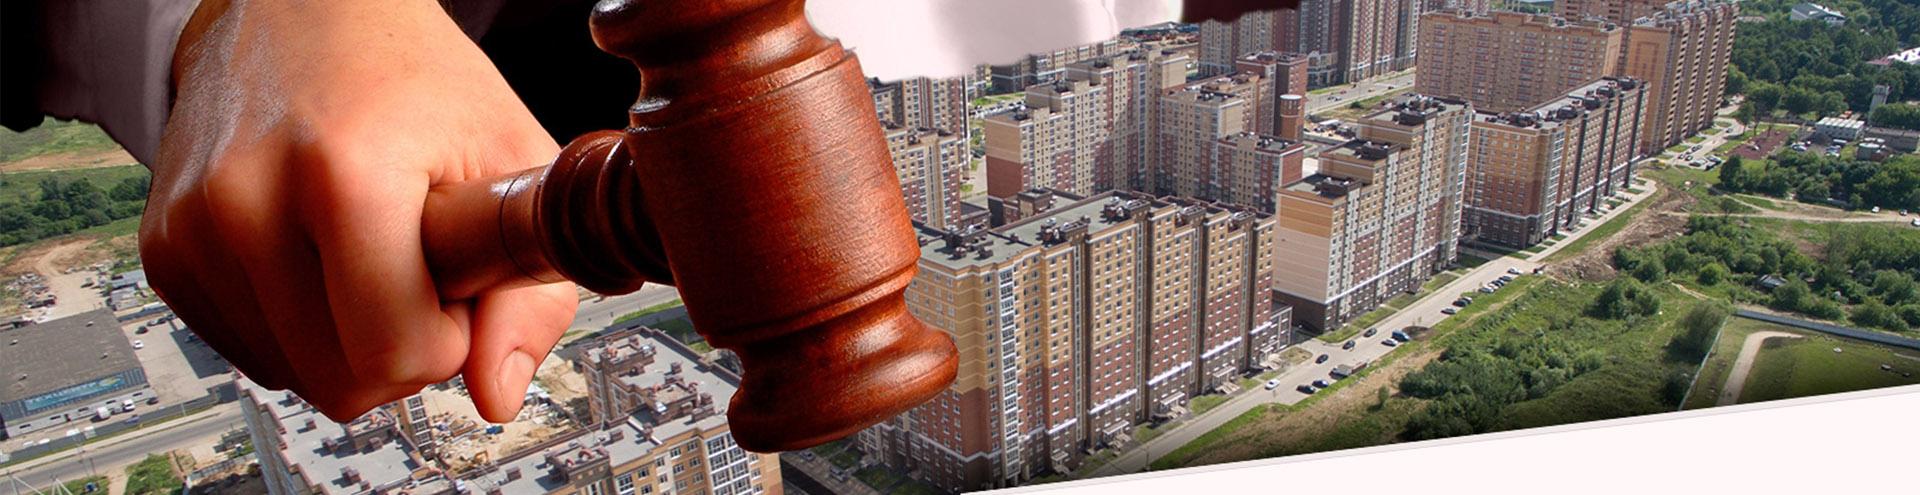 Суд с застройщиком в Липецке и Липецкой области